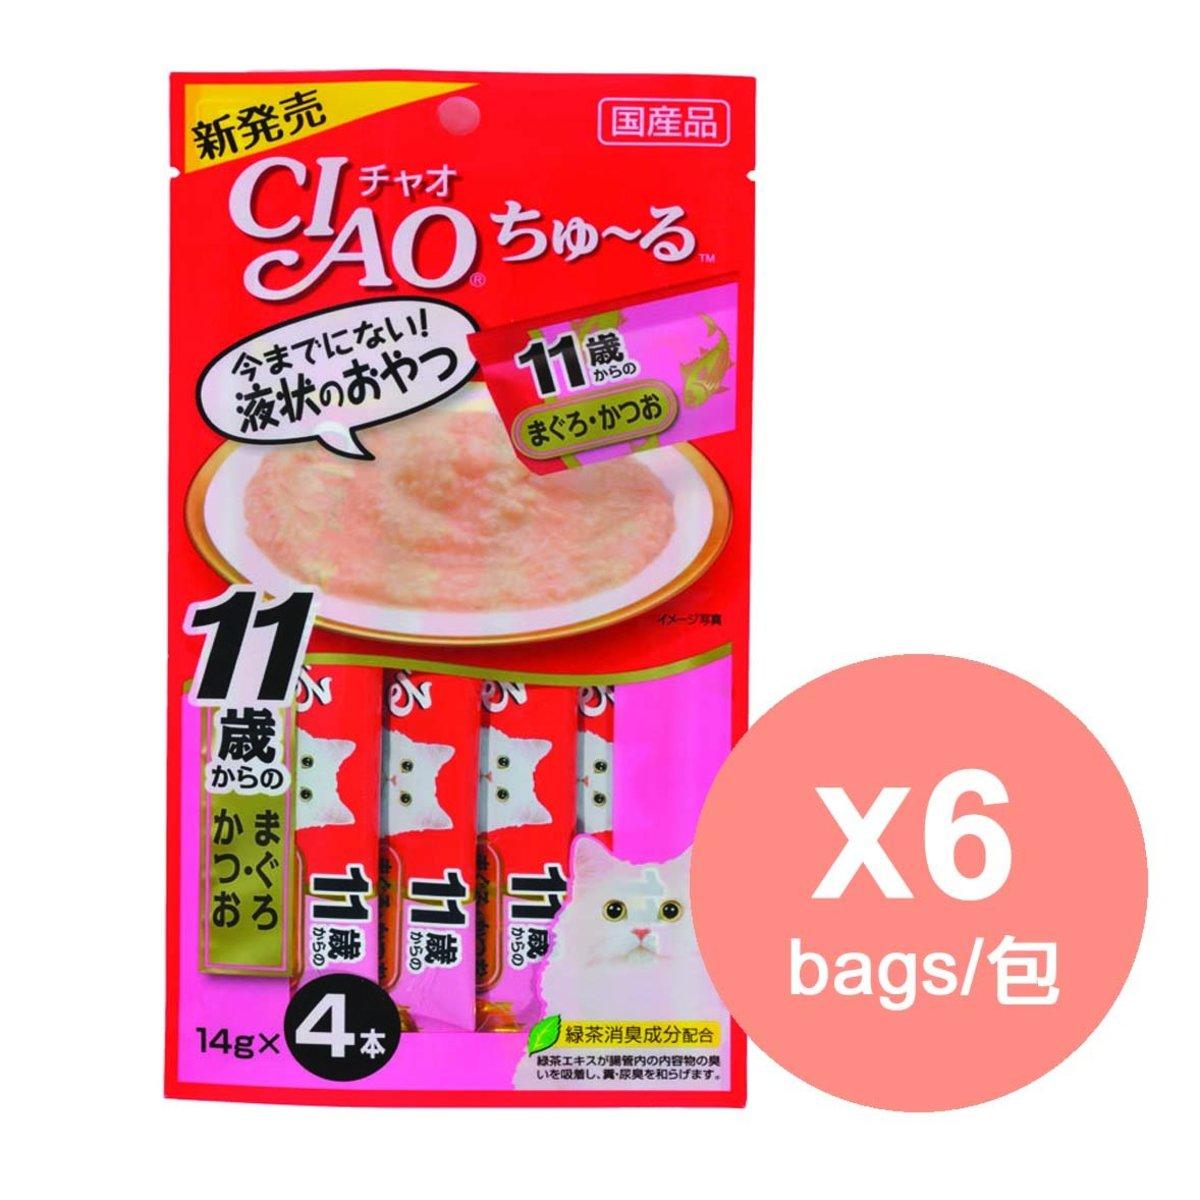 (行貨) CIAO -SC-74 11歲老貓 吞拿魚+鰹魚醬 SC-74 x6